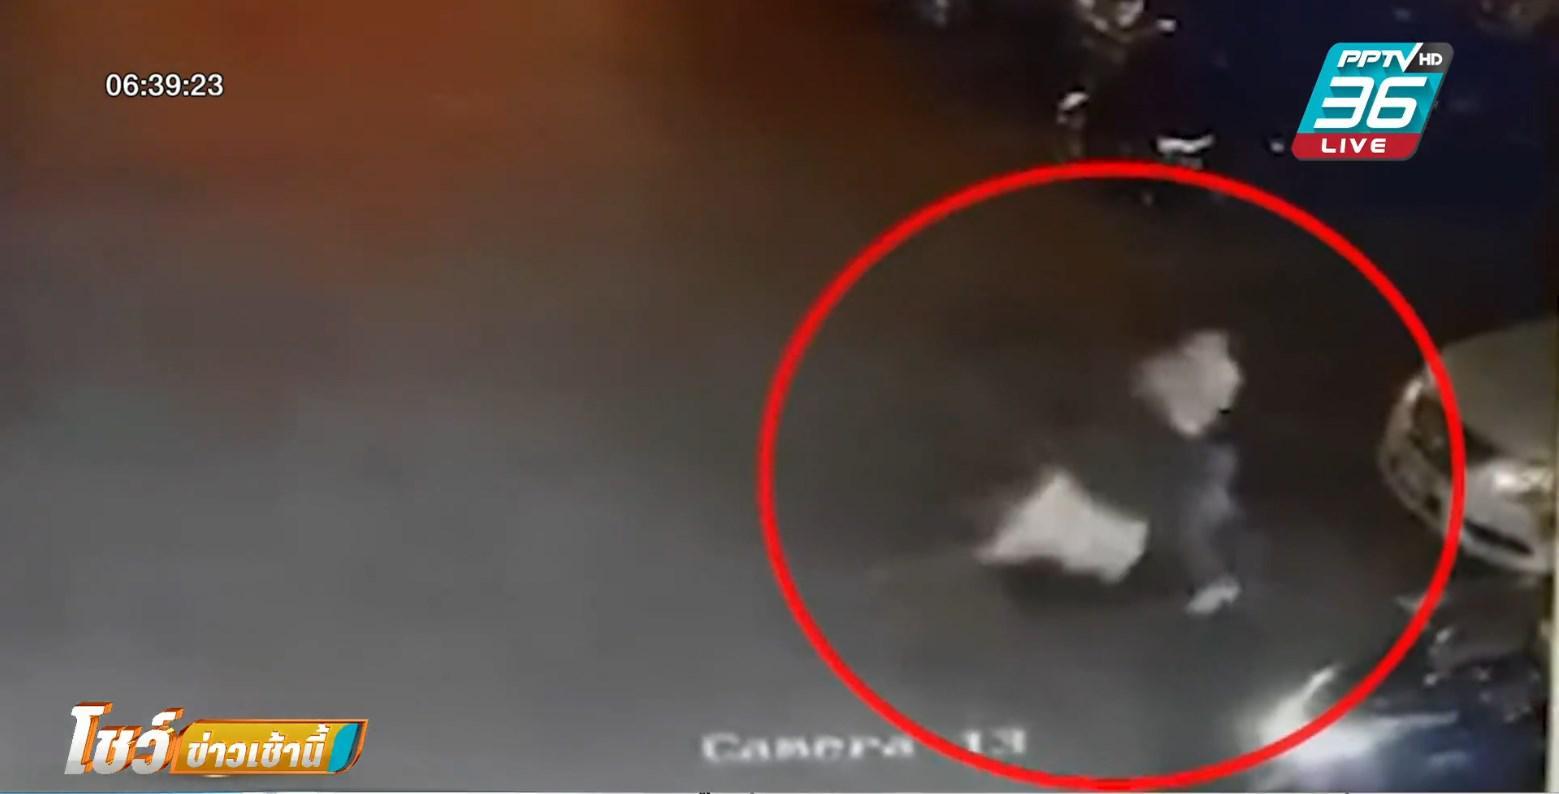 รัว 5 นัด ยิงพ่อค้าโรงเกลือดับ แฟนสาววิ่งหนีตาย ถูกยิง 1 นัด